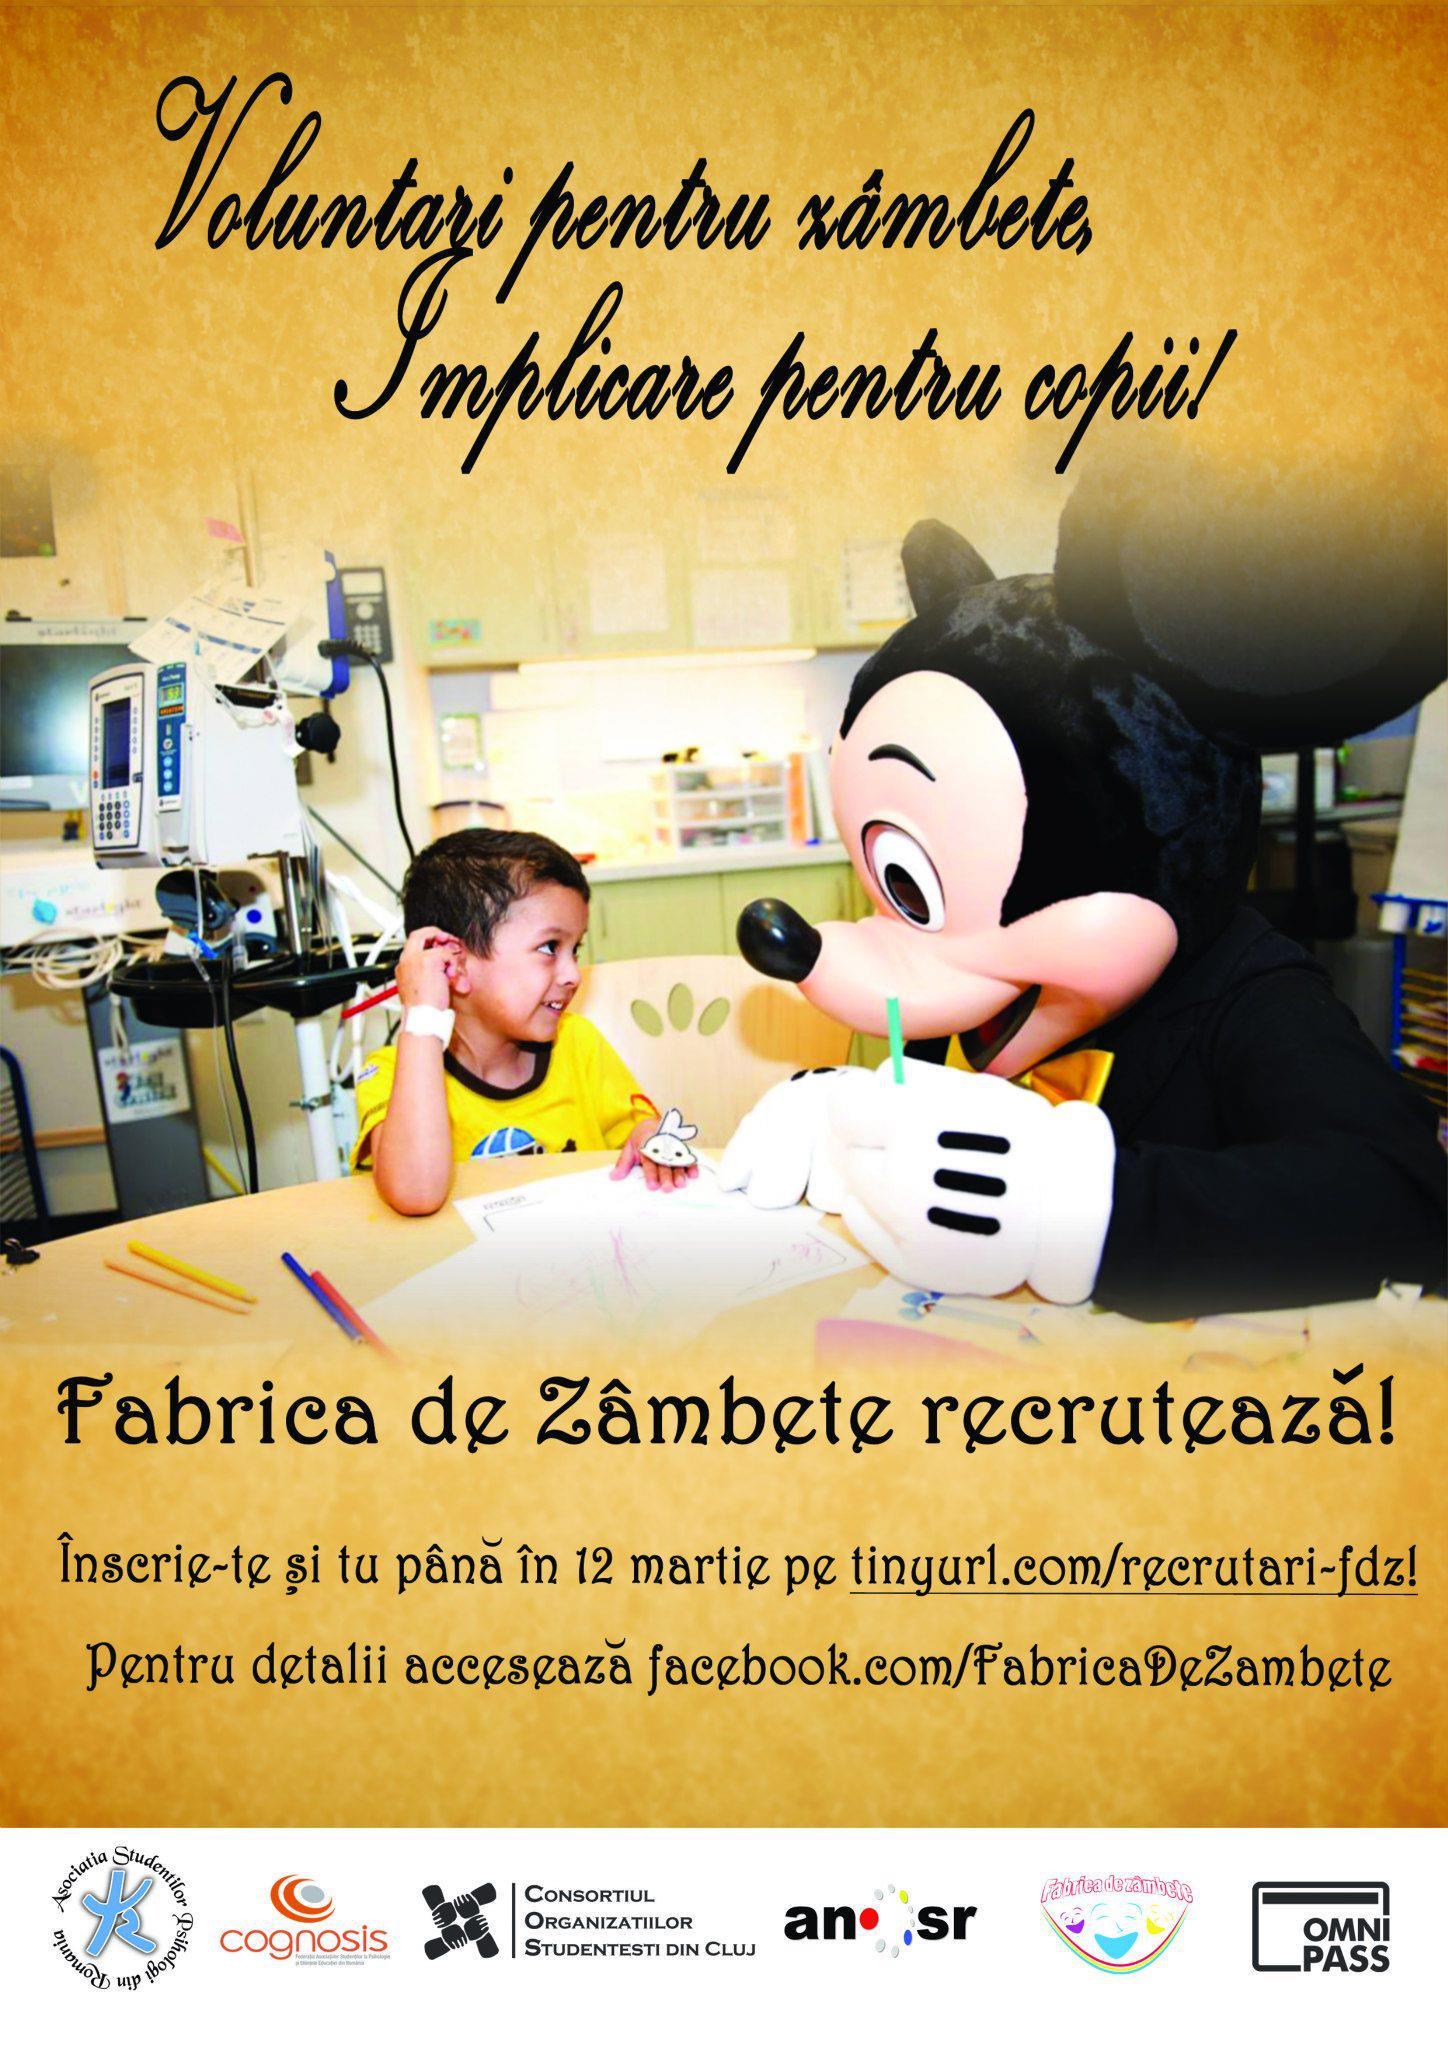 Proiectul Fabrica de Zîmbete recrutează în Cluj Napoca #1